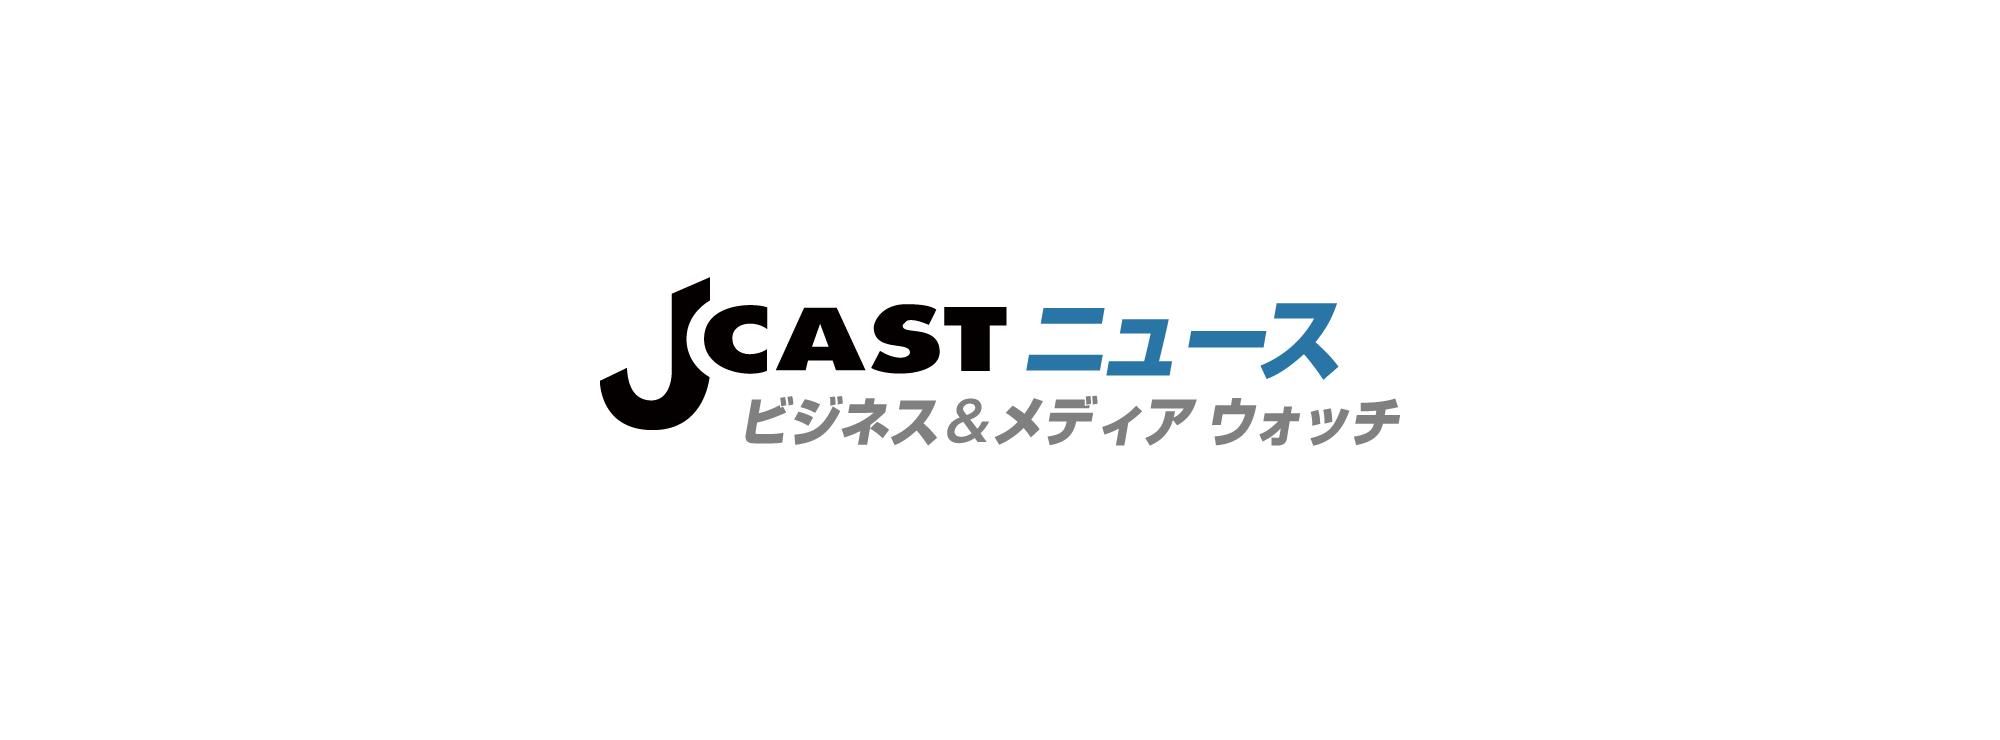 くりぃむしちゅーの「県知事出馬」CMが打ち切り : J-CASTニュース